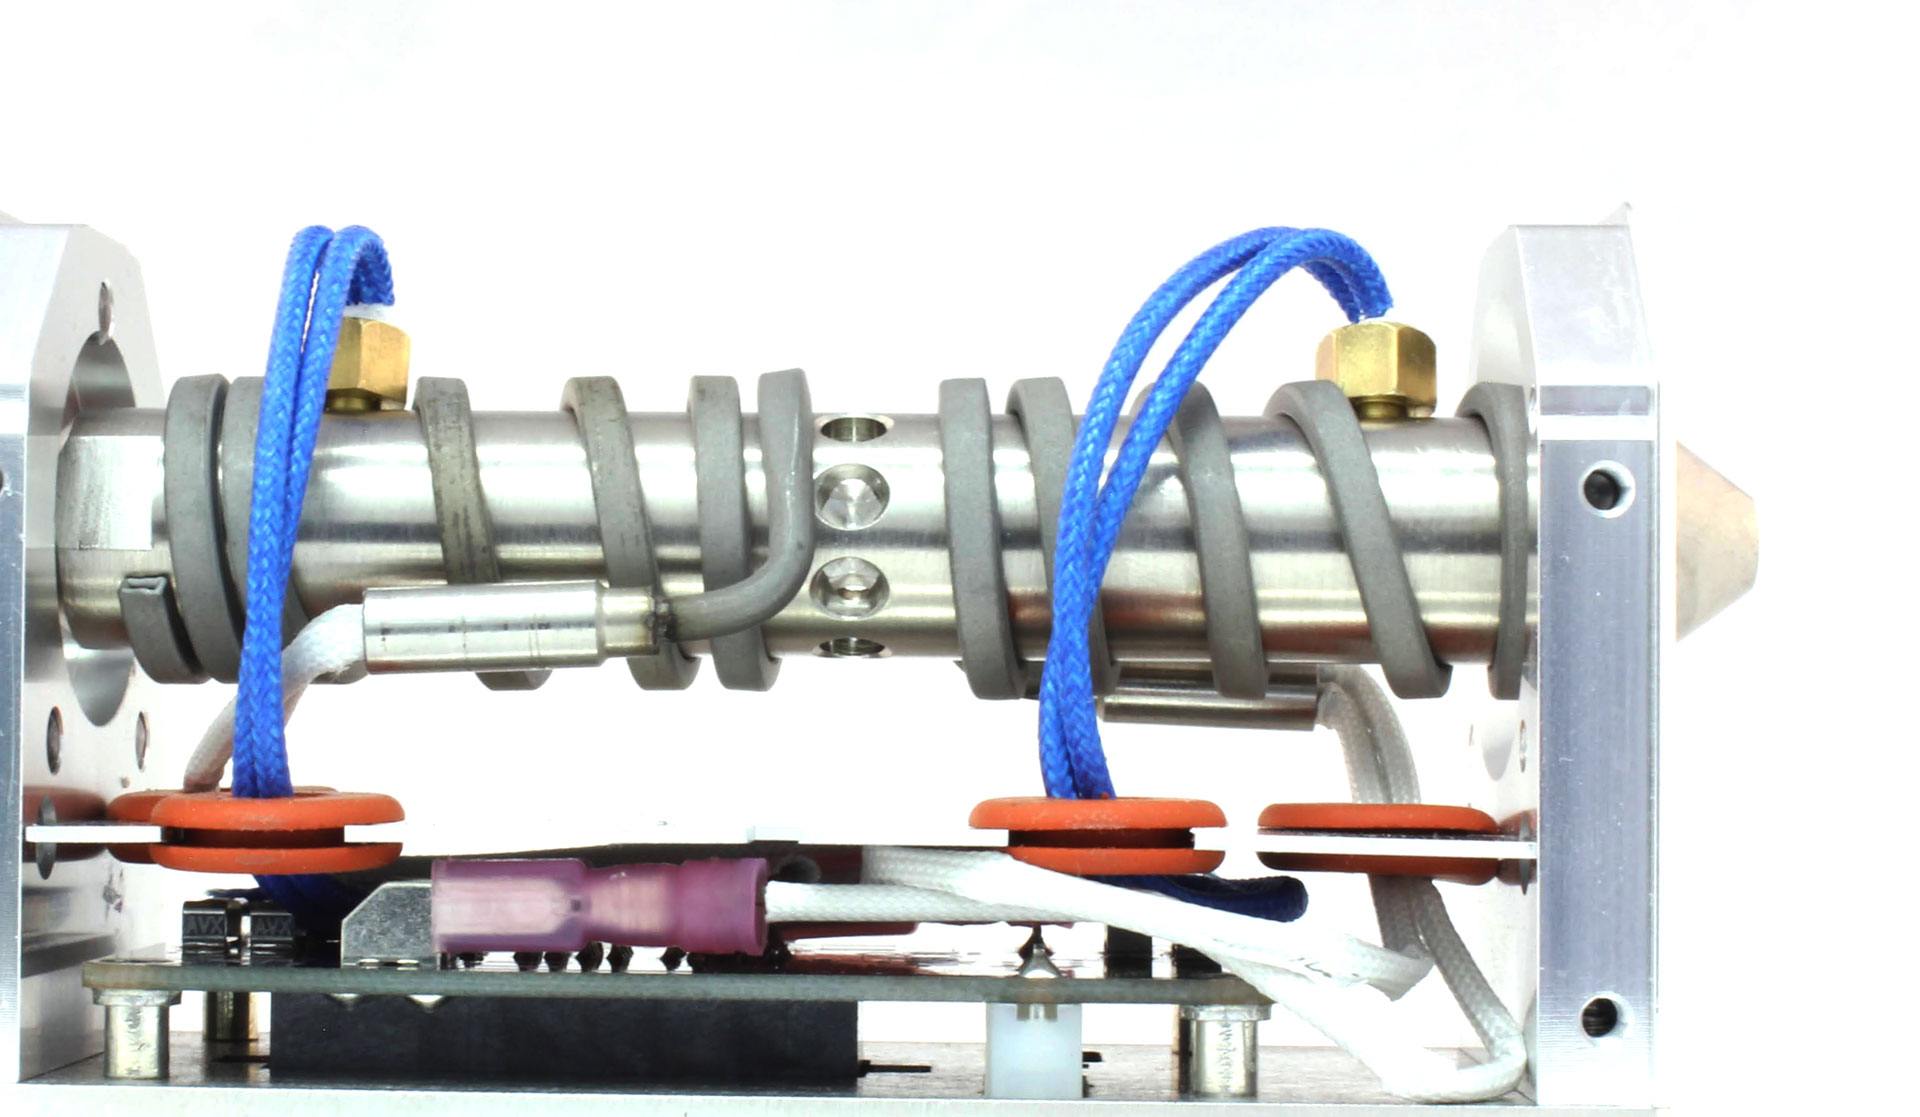 Precise PT100 temperature sensors